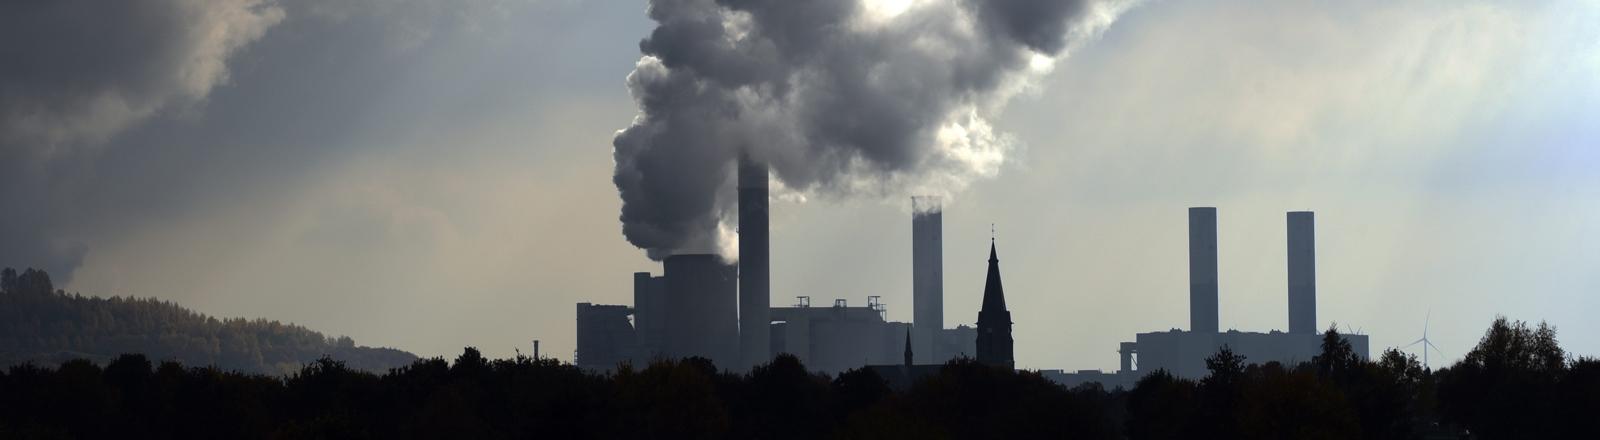 Bedrohlich wirken im Gegenlicht die Dampfwolken die aus dem Kühlturm des RWE-Braunkohlekraftwerks Frimmersdorf in Greverbroich (Nordrhein-Westfalen) steigen und über der kleinen Ortschaft Gustorf mit der katholischen Kirche St. Maria Himmelfahrt (M) hängen.